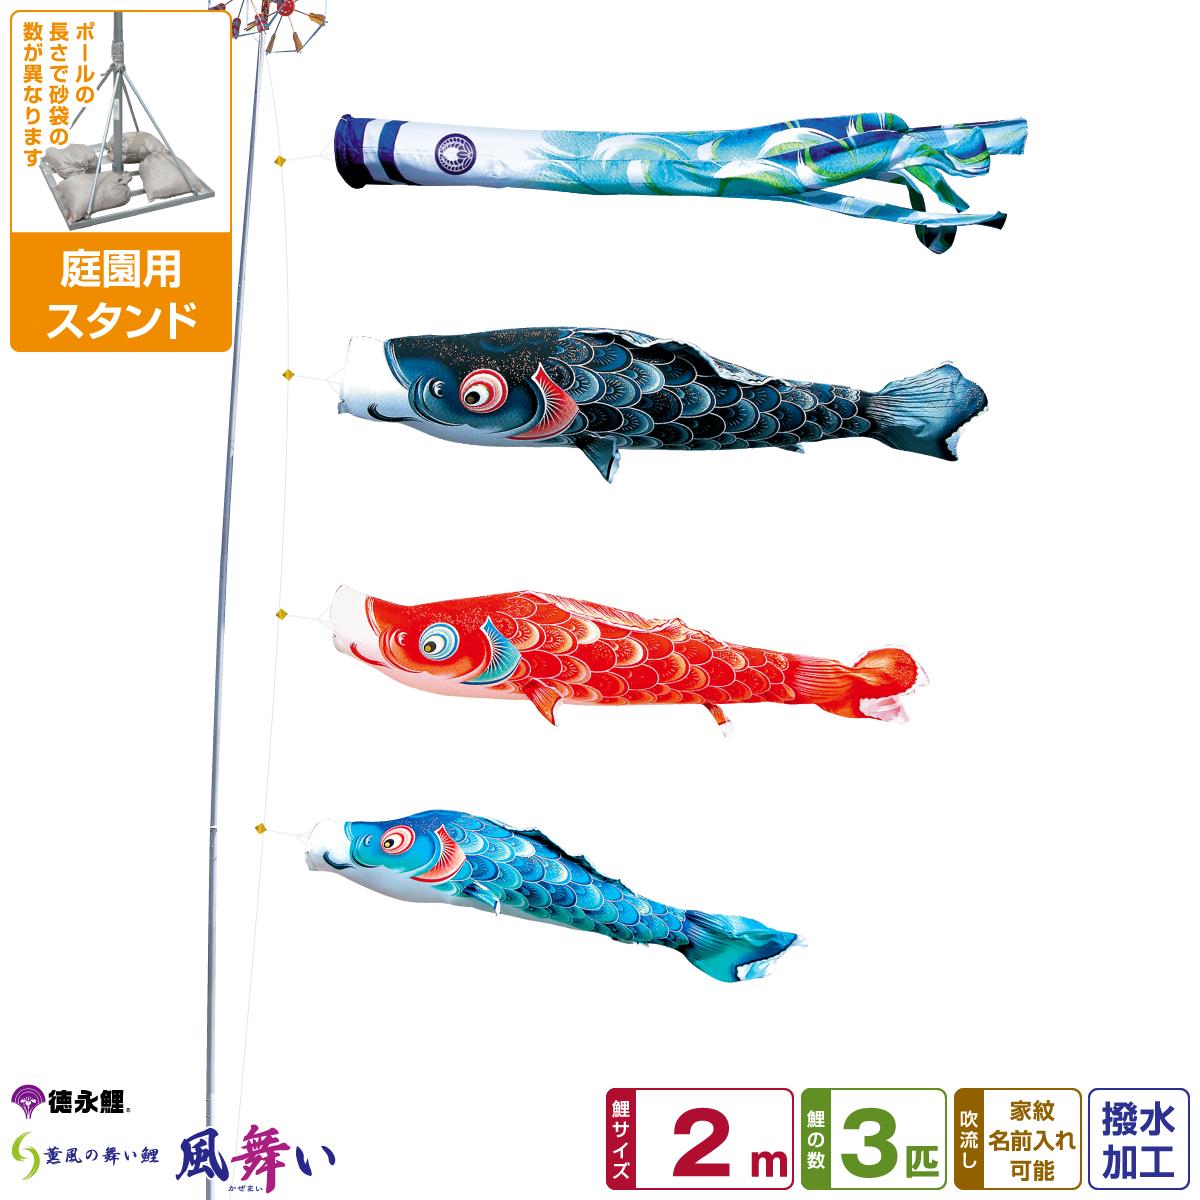 徳永鯉のぼり 風舞い鯉 2m 6点セット 庭園用スタンドセット 2019年初節句 端午の節句 こどもの日 こいのぼり